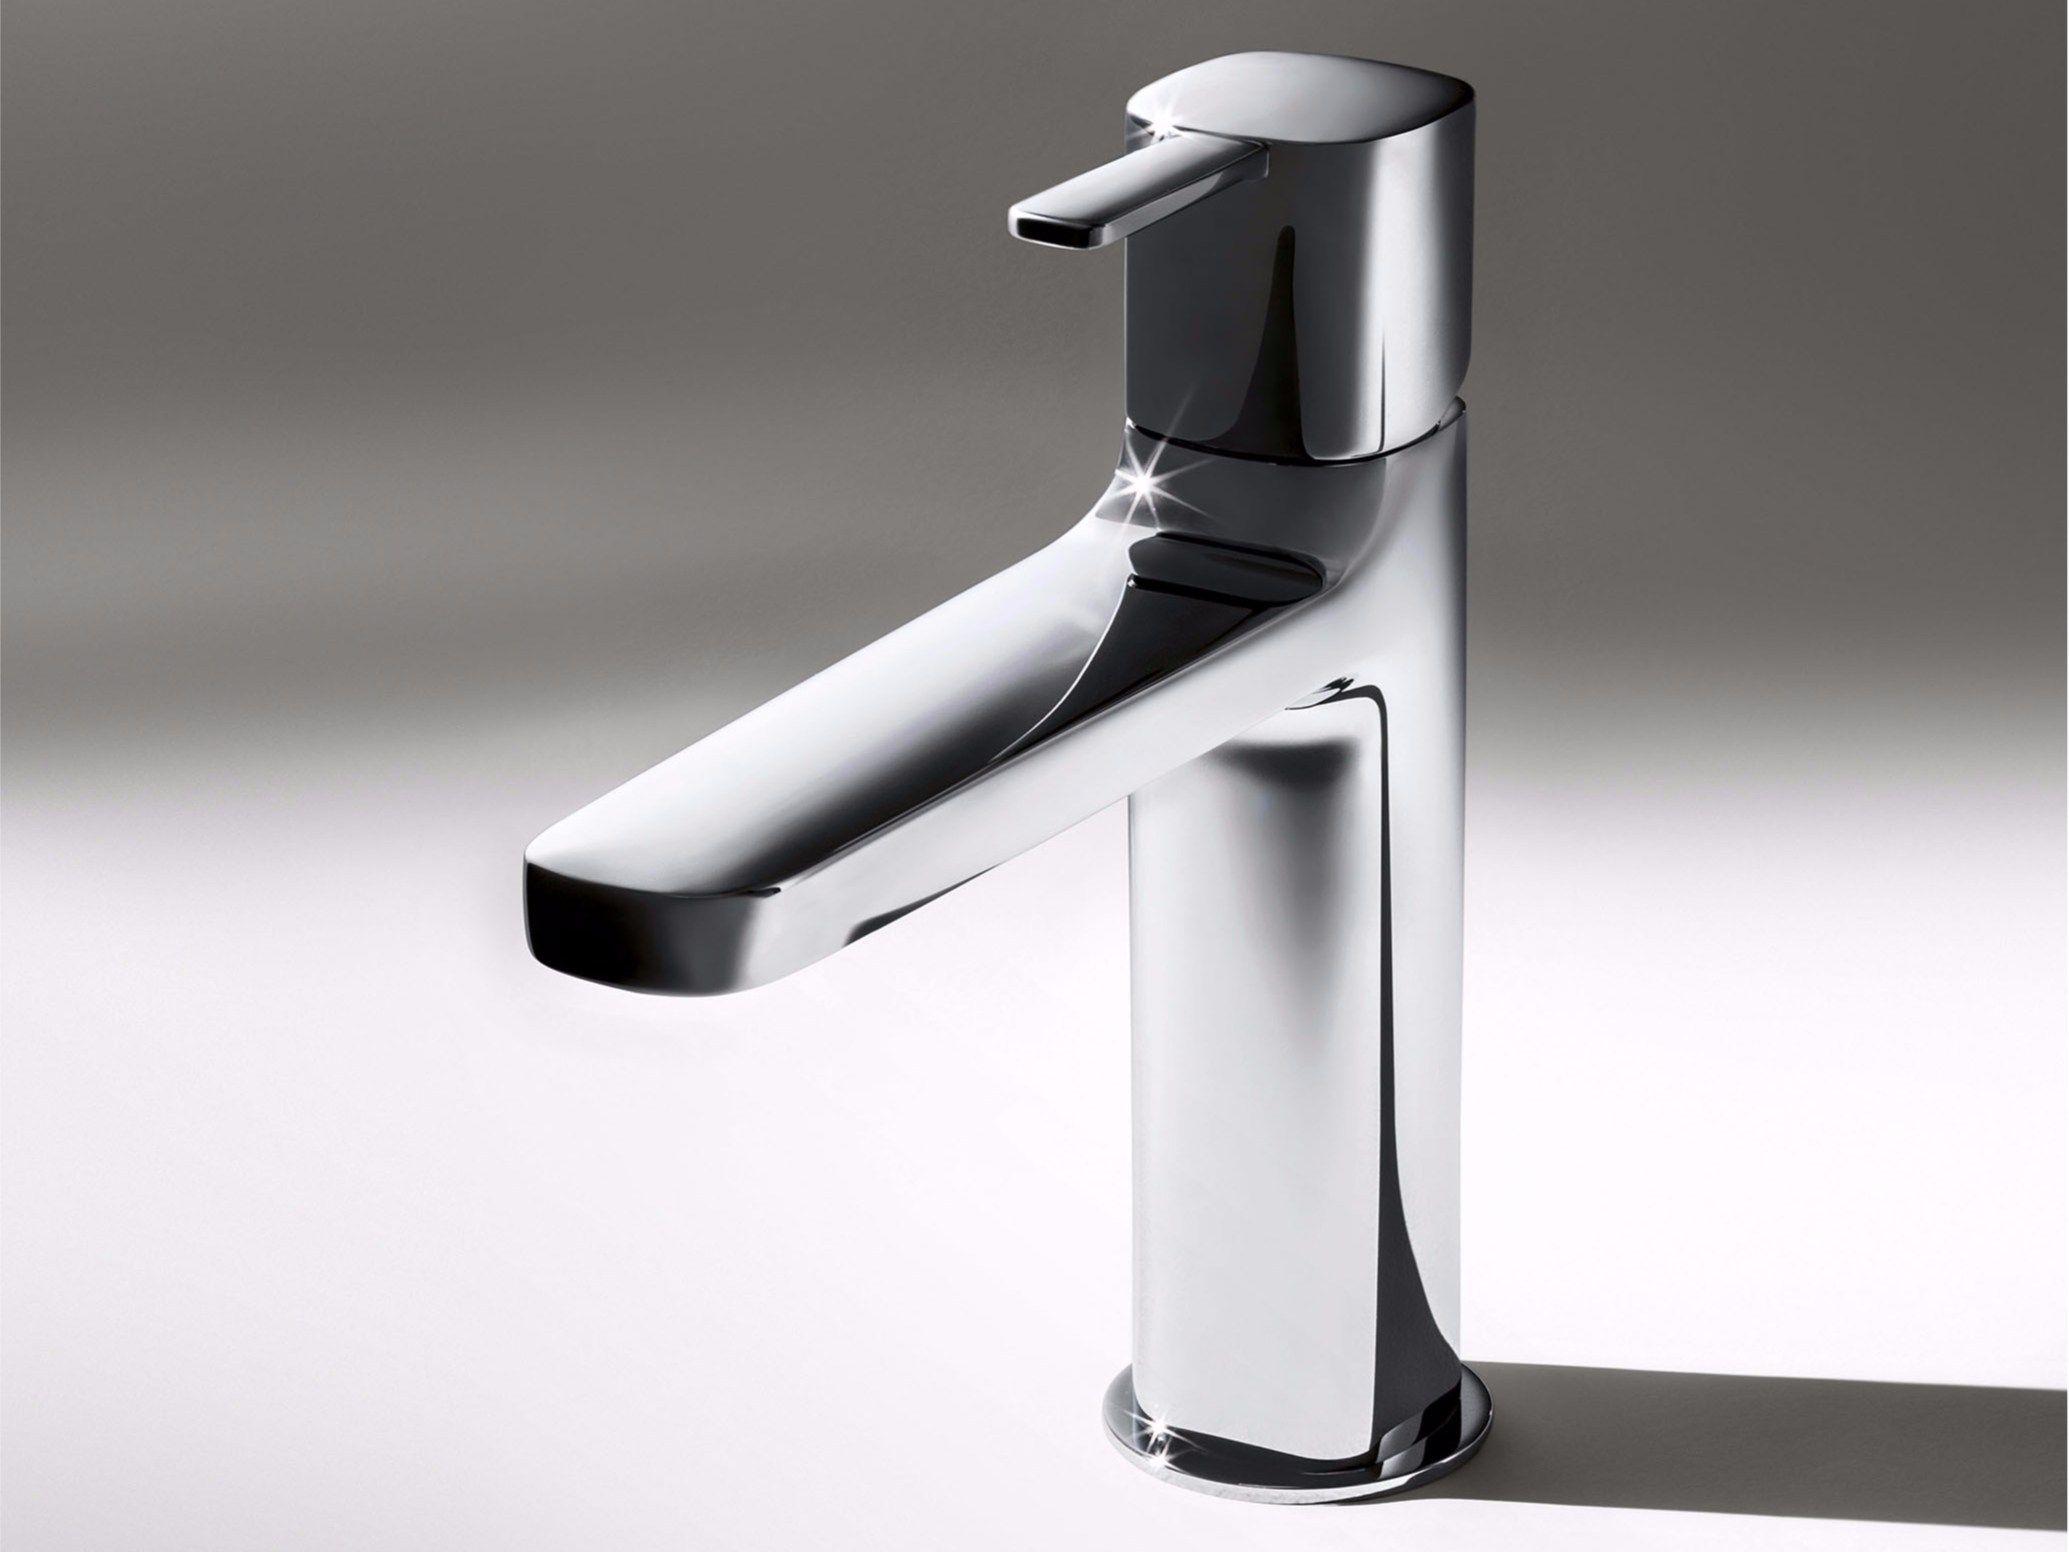 Lam miscelatore per lavabo monoforo by fantini rubinetti for Rubinetti design